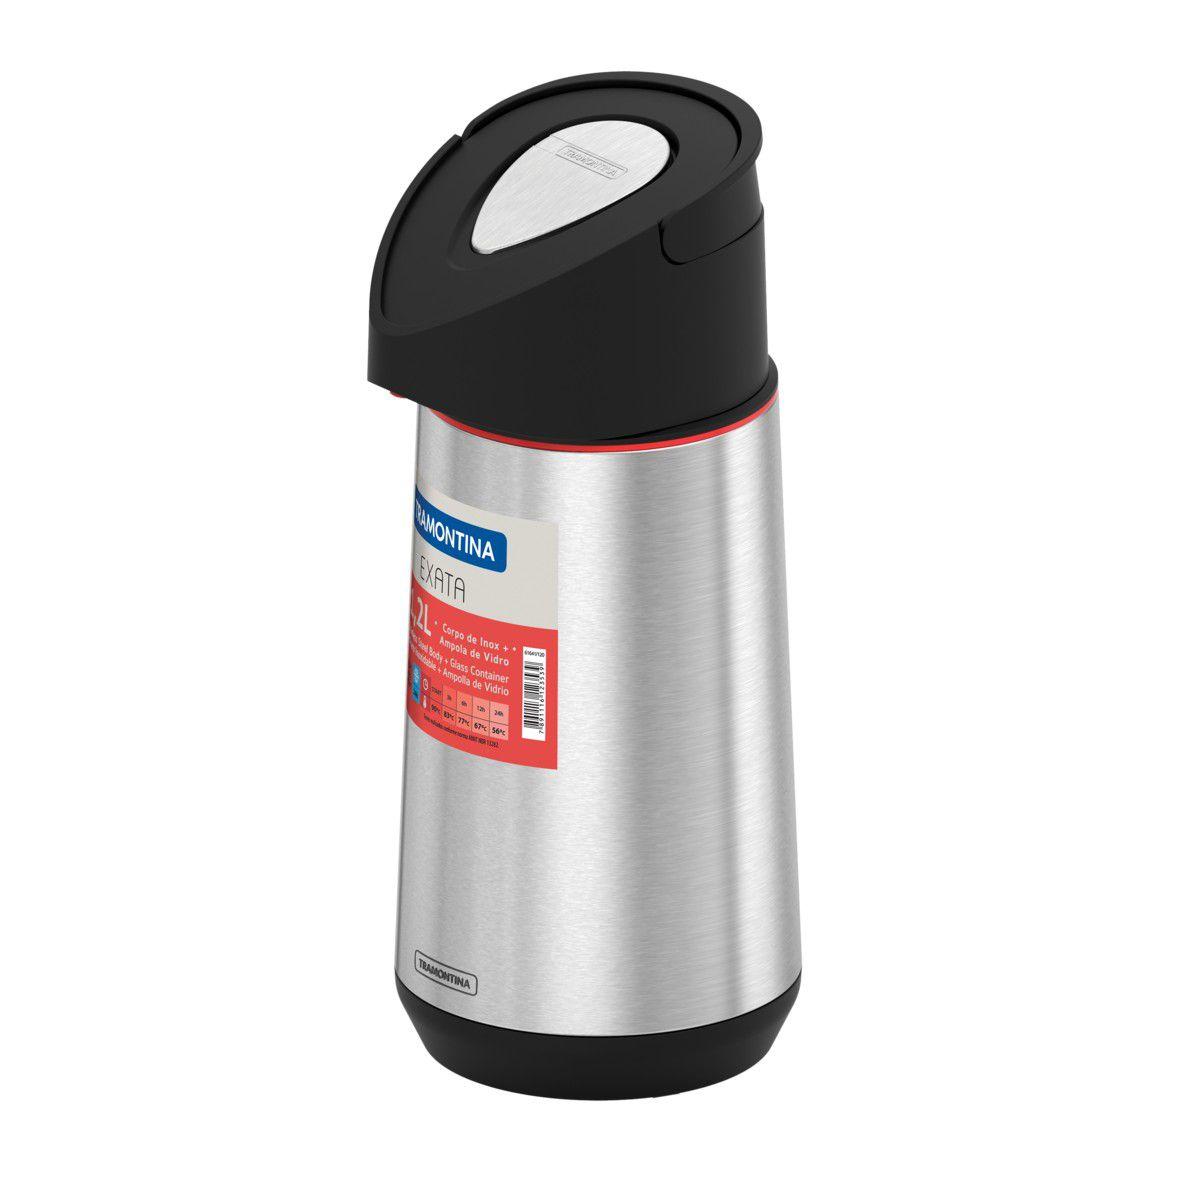 Garrafa Térmica Tramontina Exata em Aço Inox c/ Ampola de Vidro 1,2L 61641120